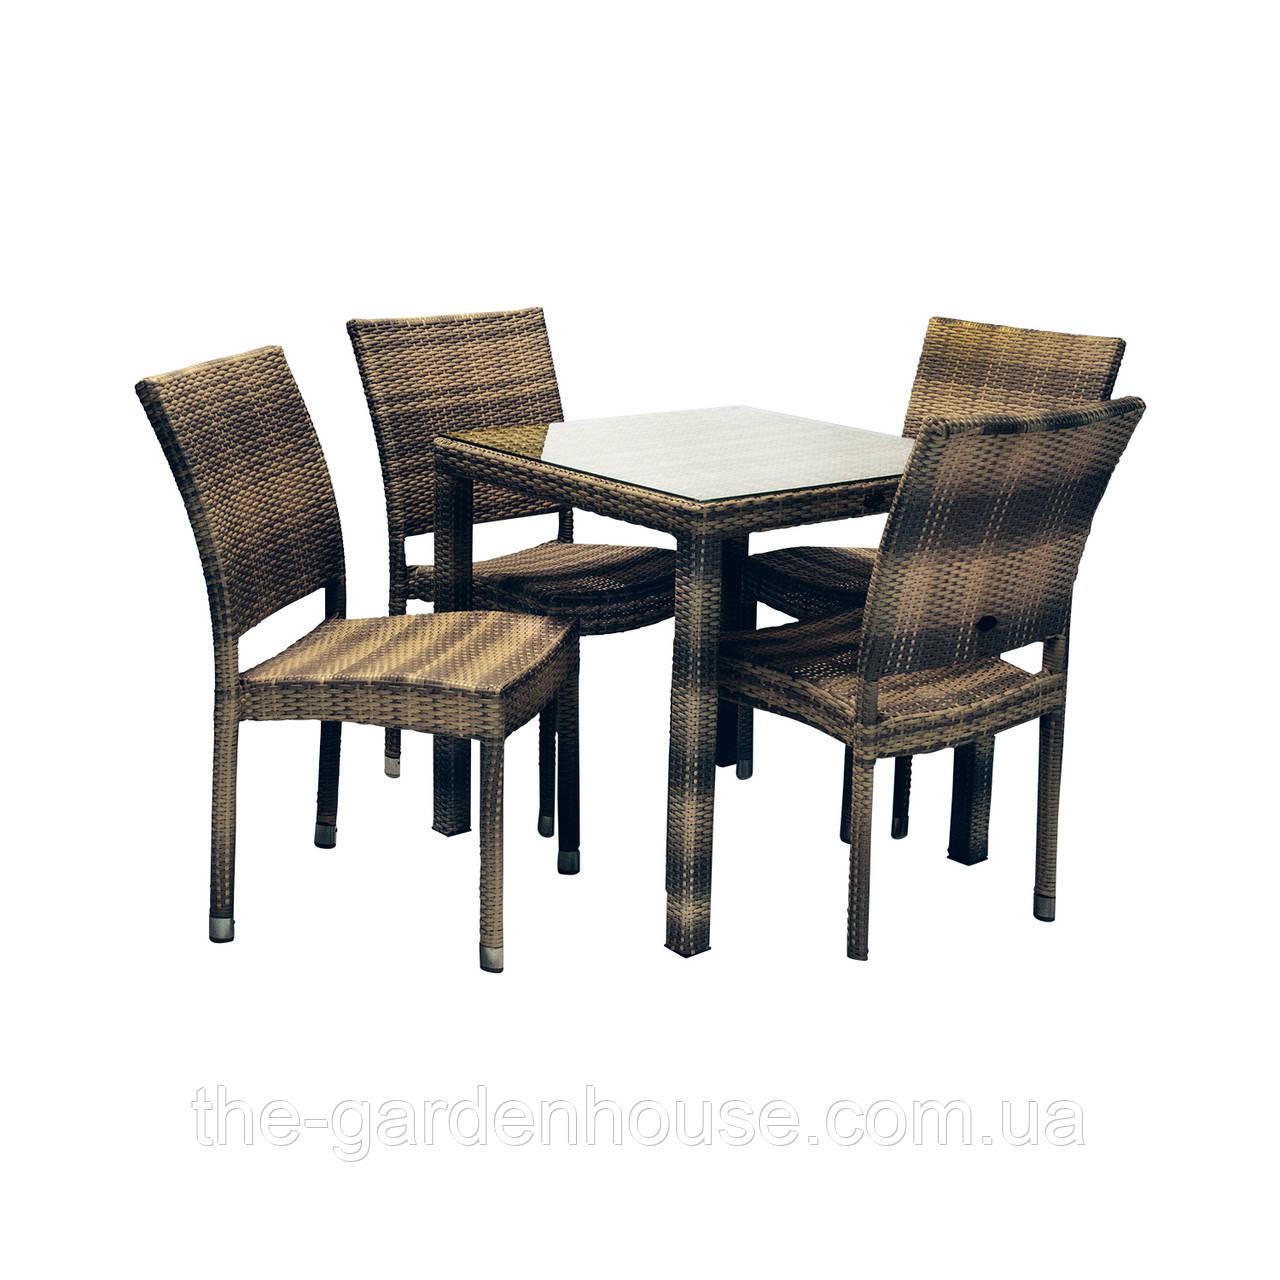 Столовий набір садових меблів Вікер з штучного ротанга: стіл та 4 стільця темно-коричневий